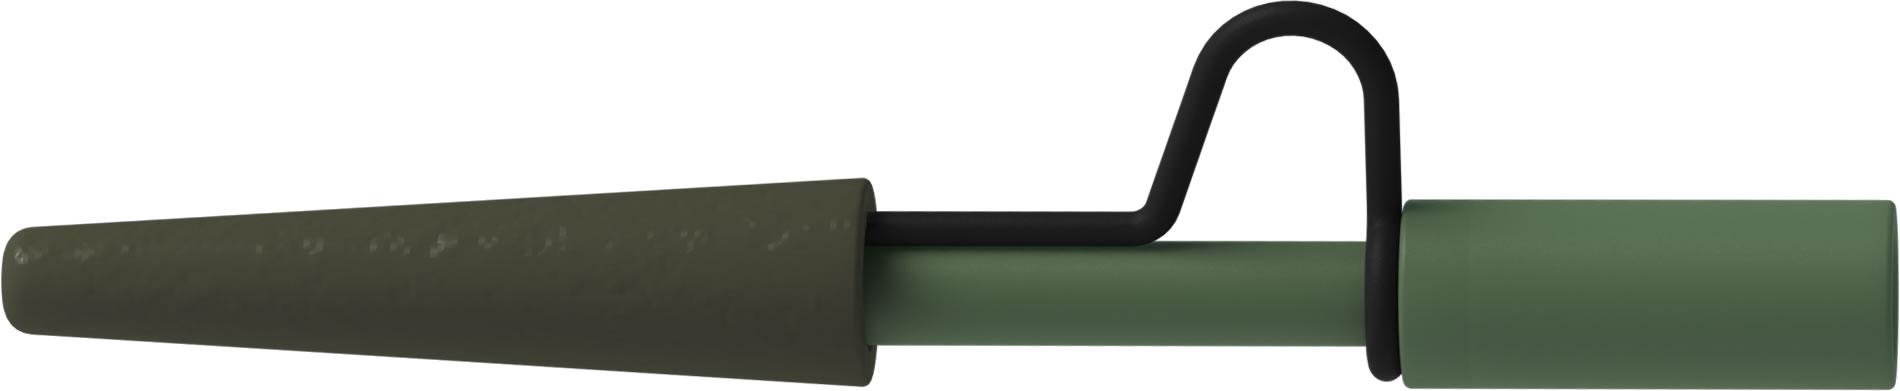 Závěs na zátěž Heavy Duty zelená (6ks)